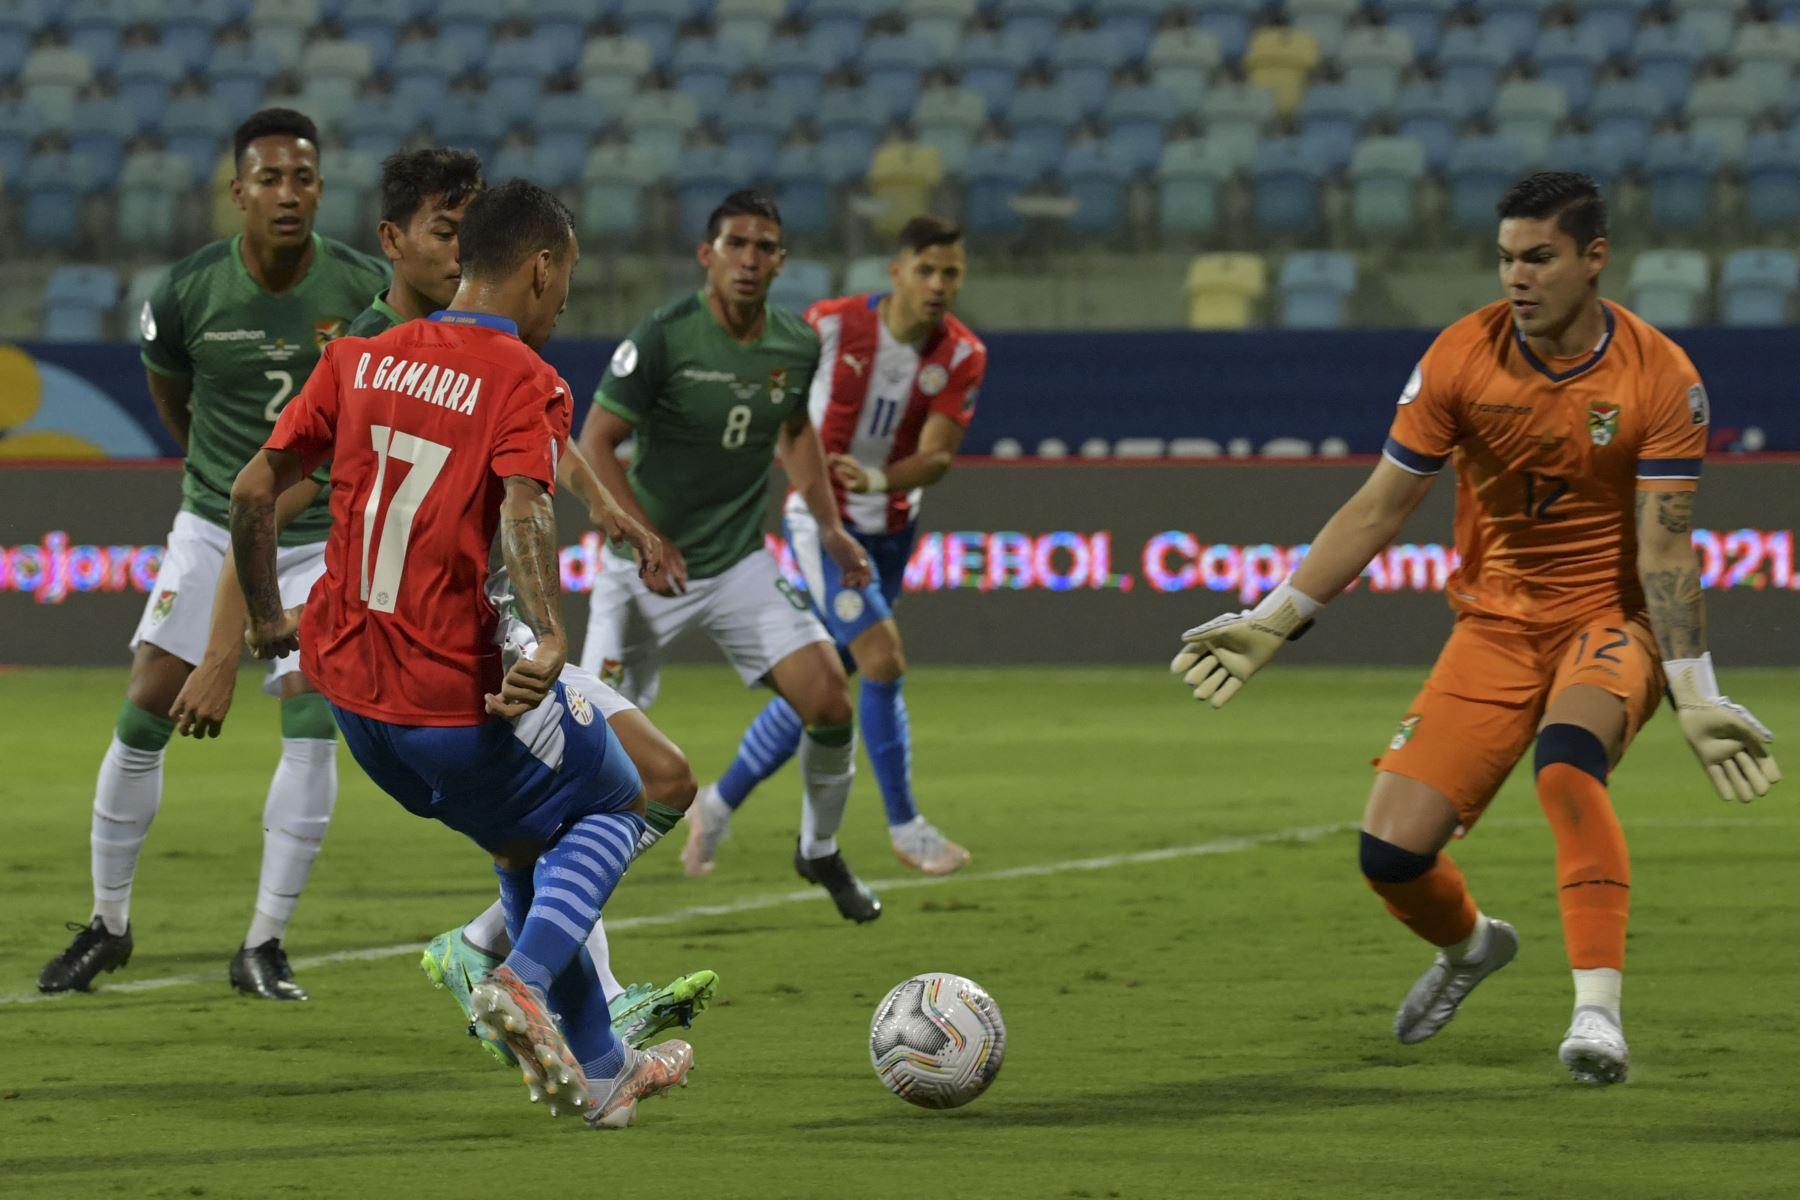 El arquero boliviano Rubén Cordano  bloquea al paraguayo Alejandro Romero Gamarra durante el partido de la fase de grupos del torneo de fútbol Conmebol Copa América 2021 en el Estadio Olímpico de Goiania, Brasil. Foto: AFP